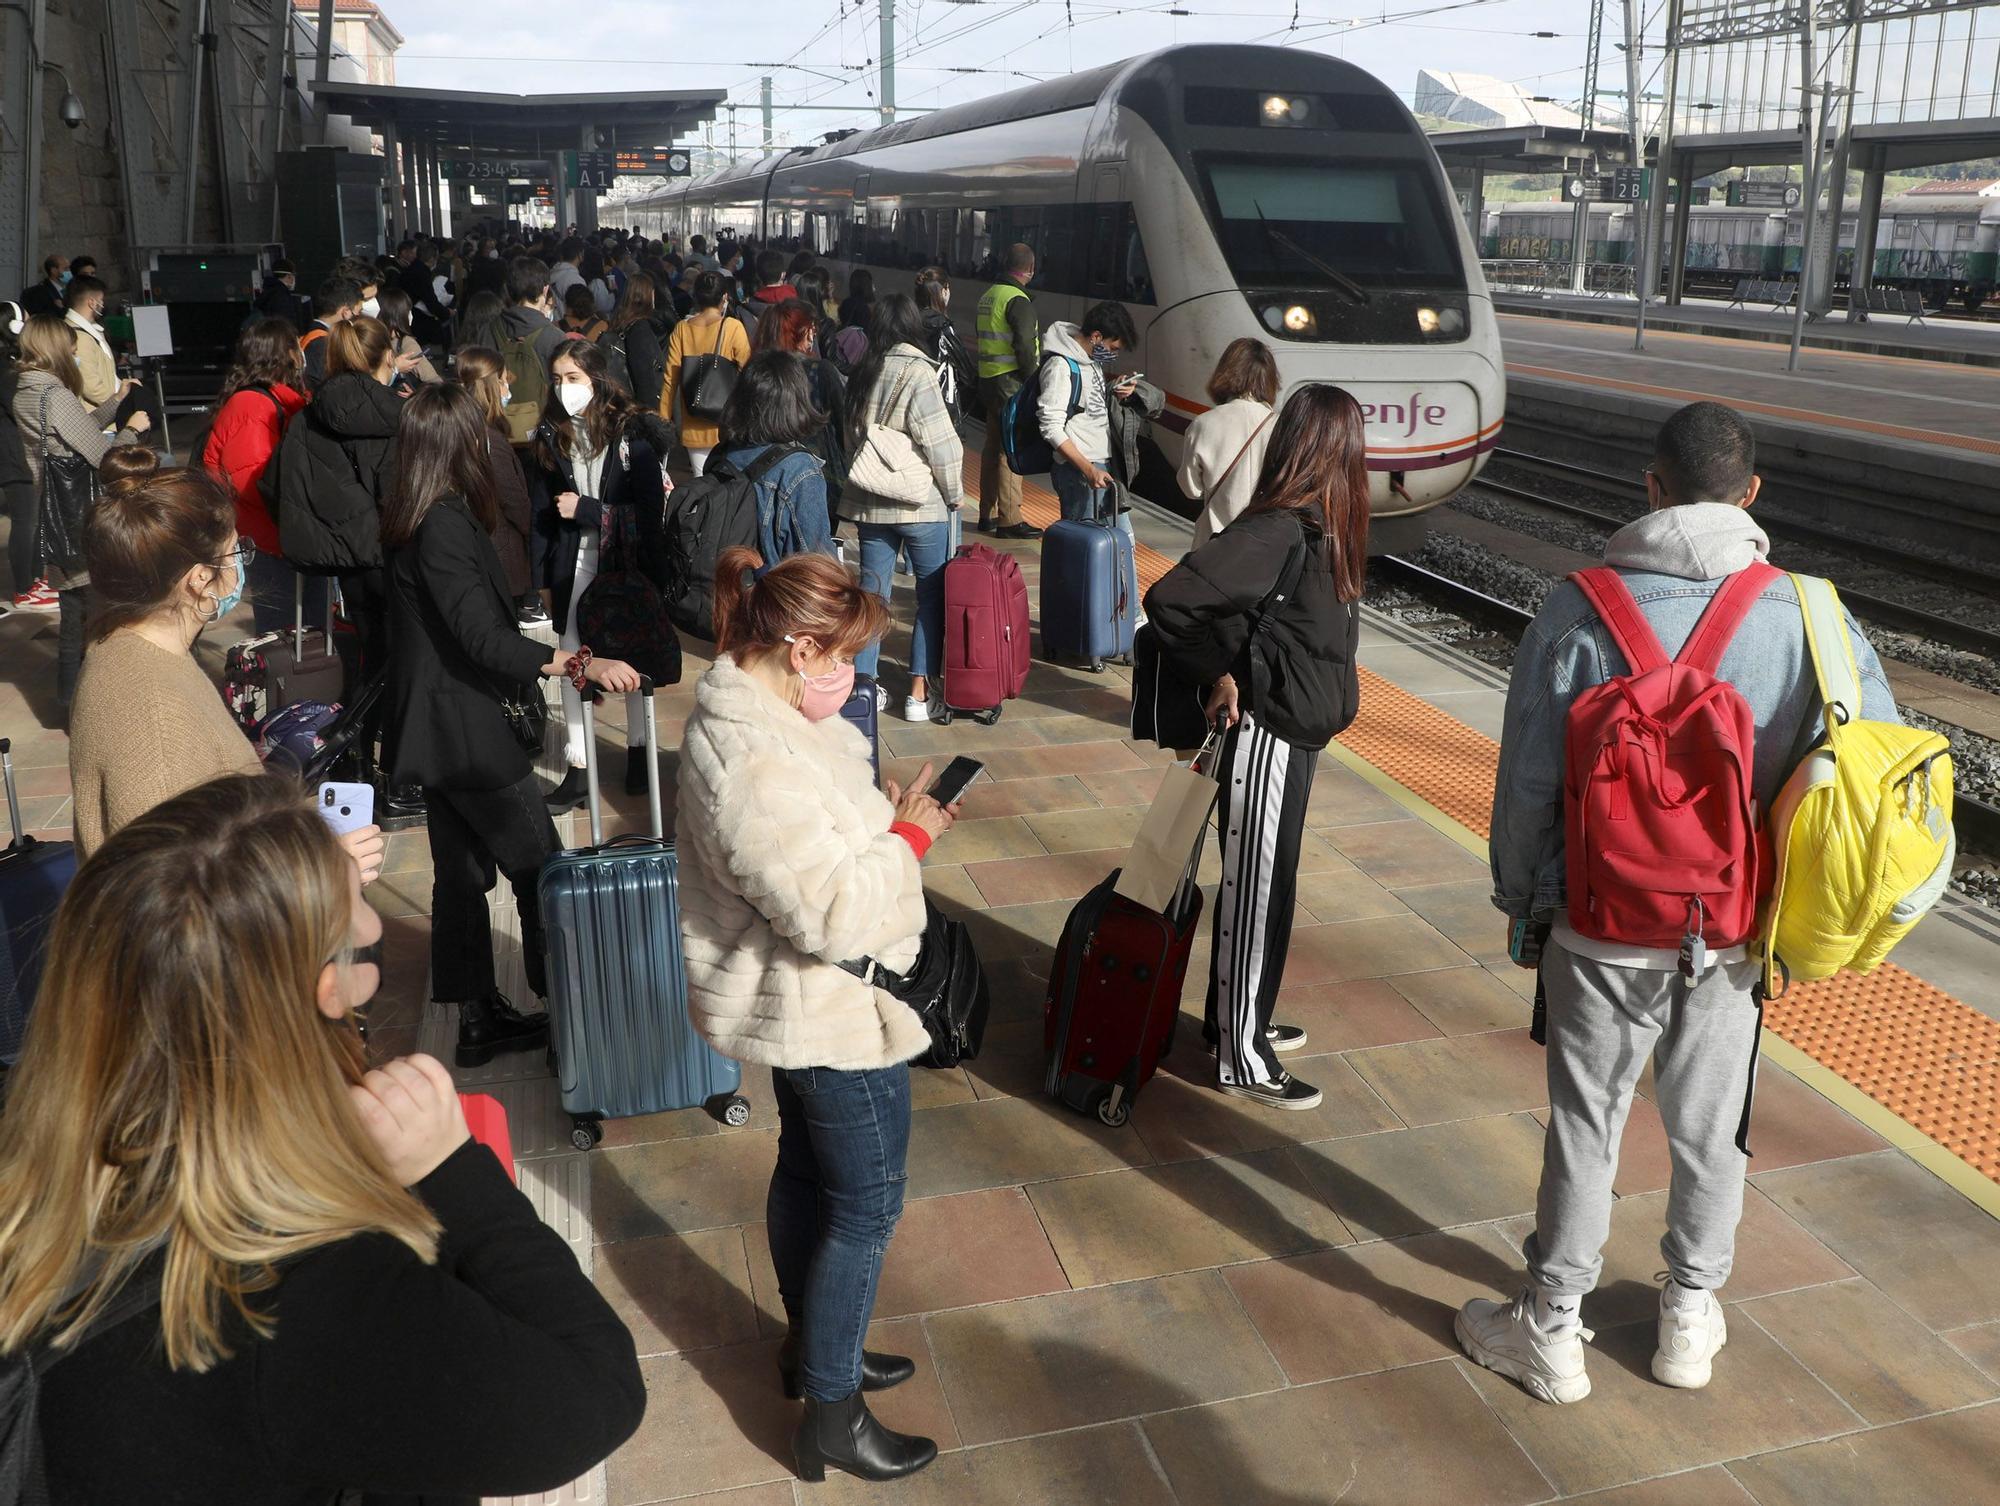 La estación de Santiago, abarrotada pese al cierre perimetral de la ciudad